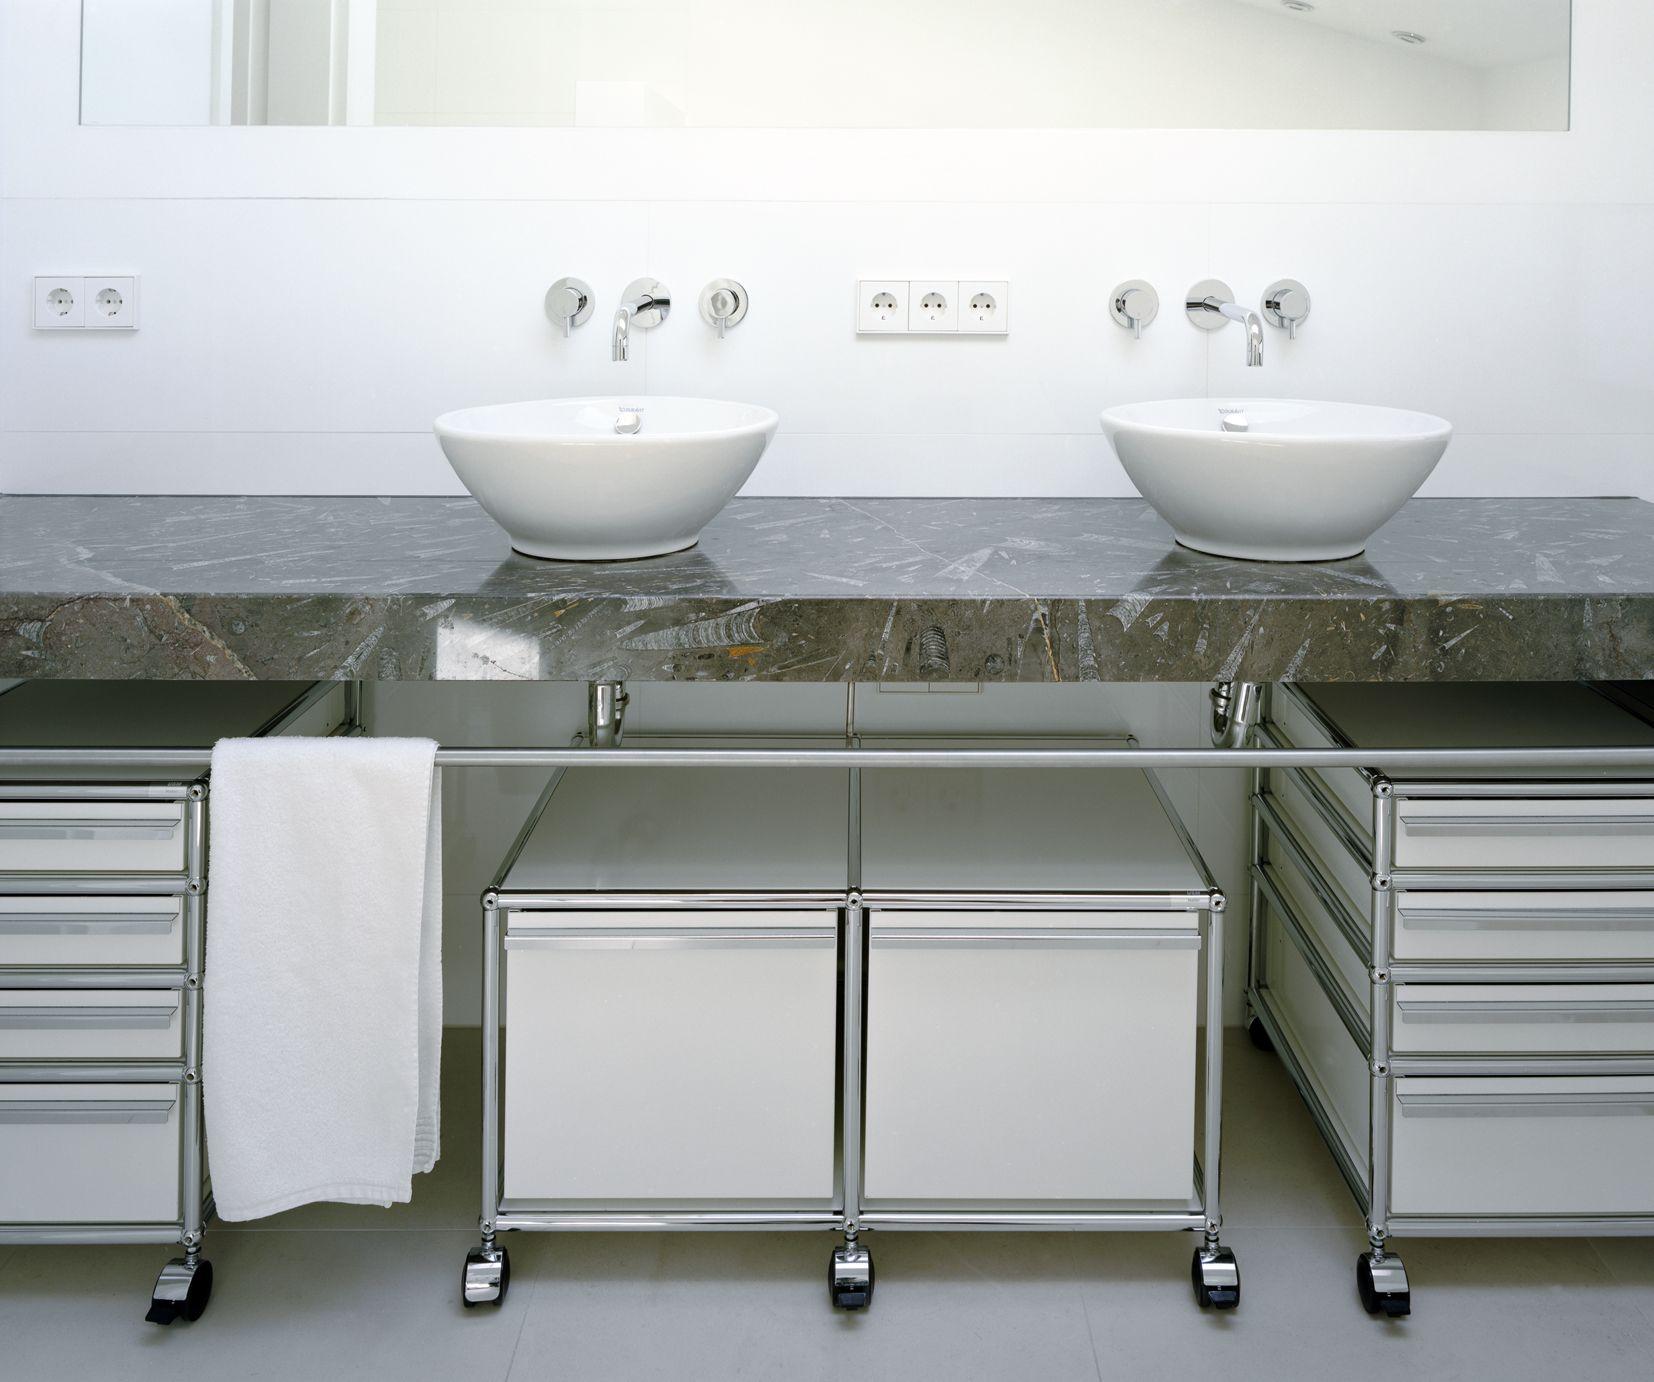 Meubles de rangement usm haller pour salle de bain - Meuble pour salle de bain ...